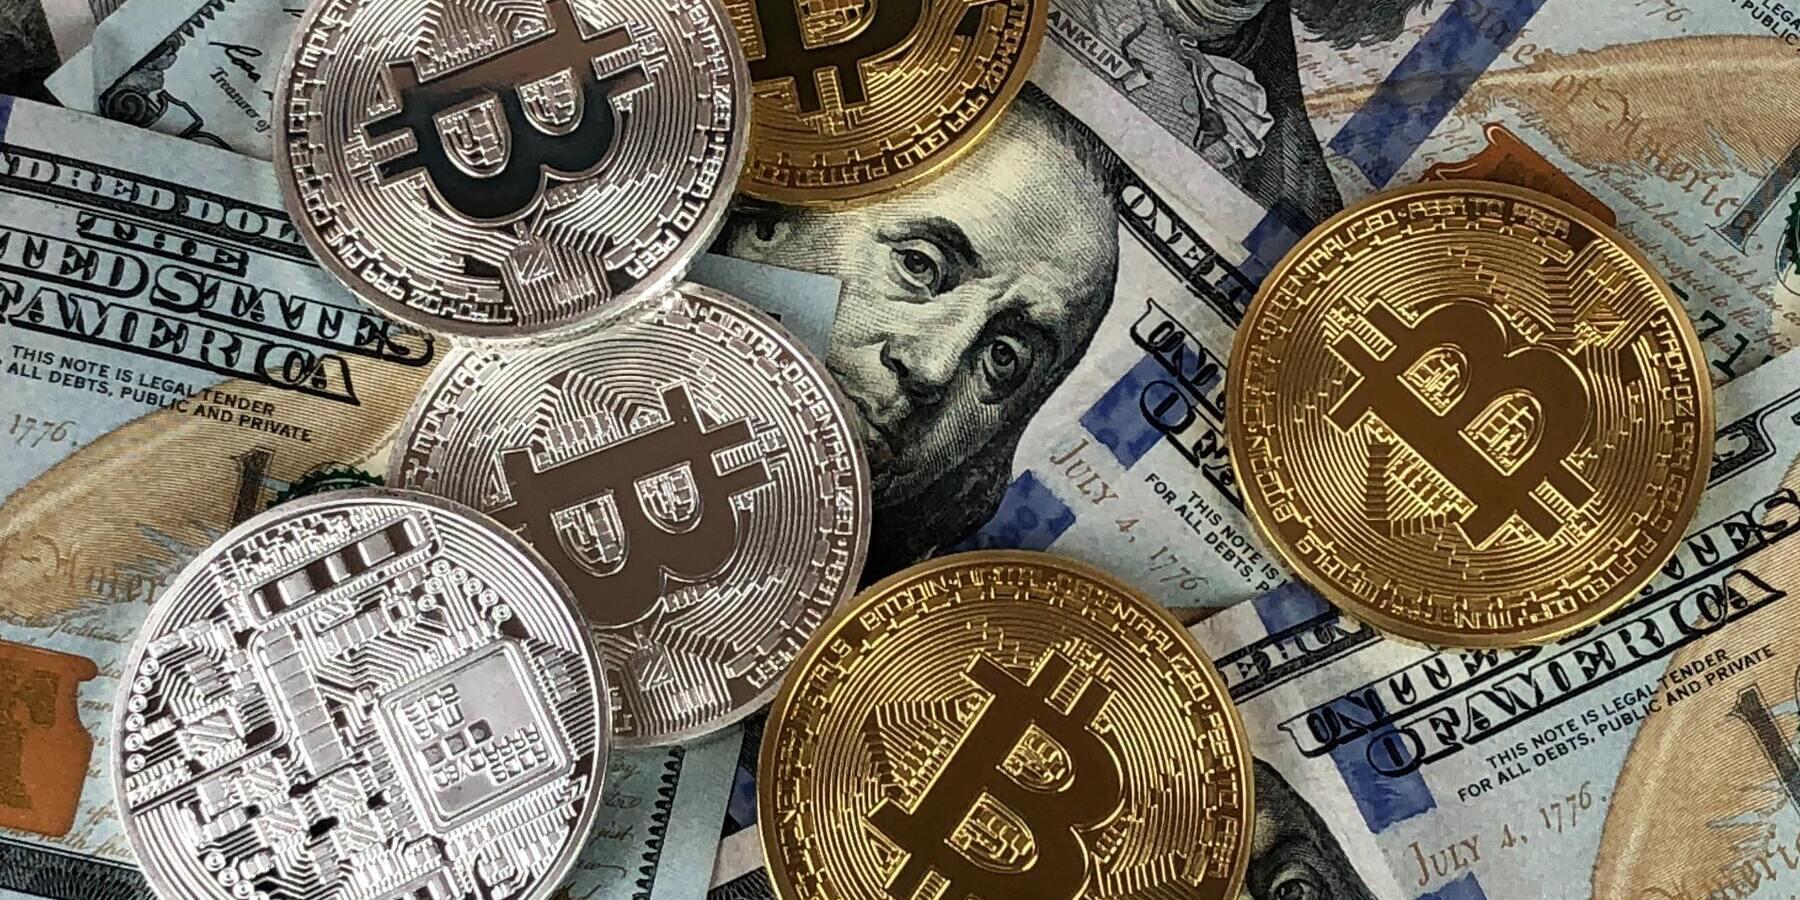 Investieren in Kryptowaehrungen mit Bitcoin Cash - Bitcoin Geldmuenzen USA Dollar Scheine